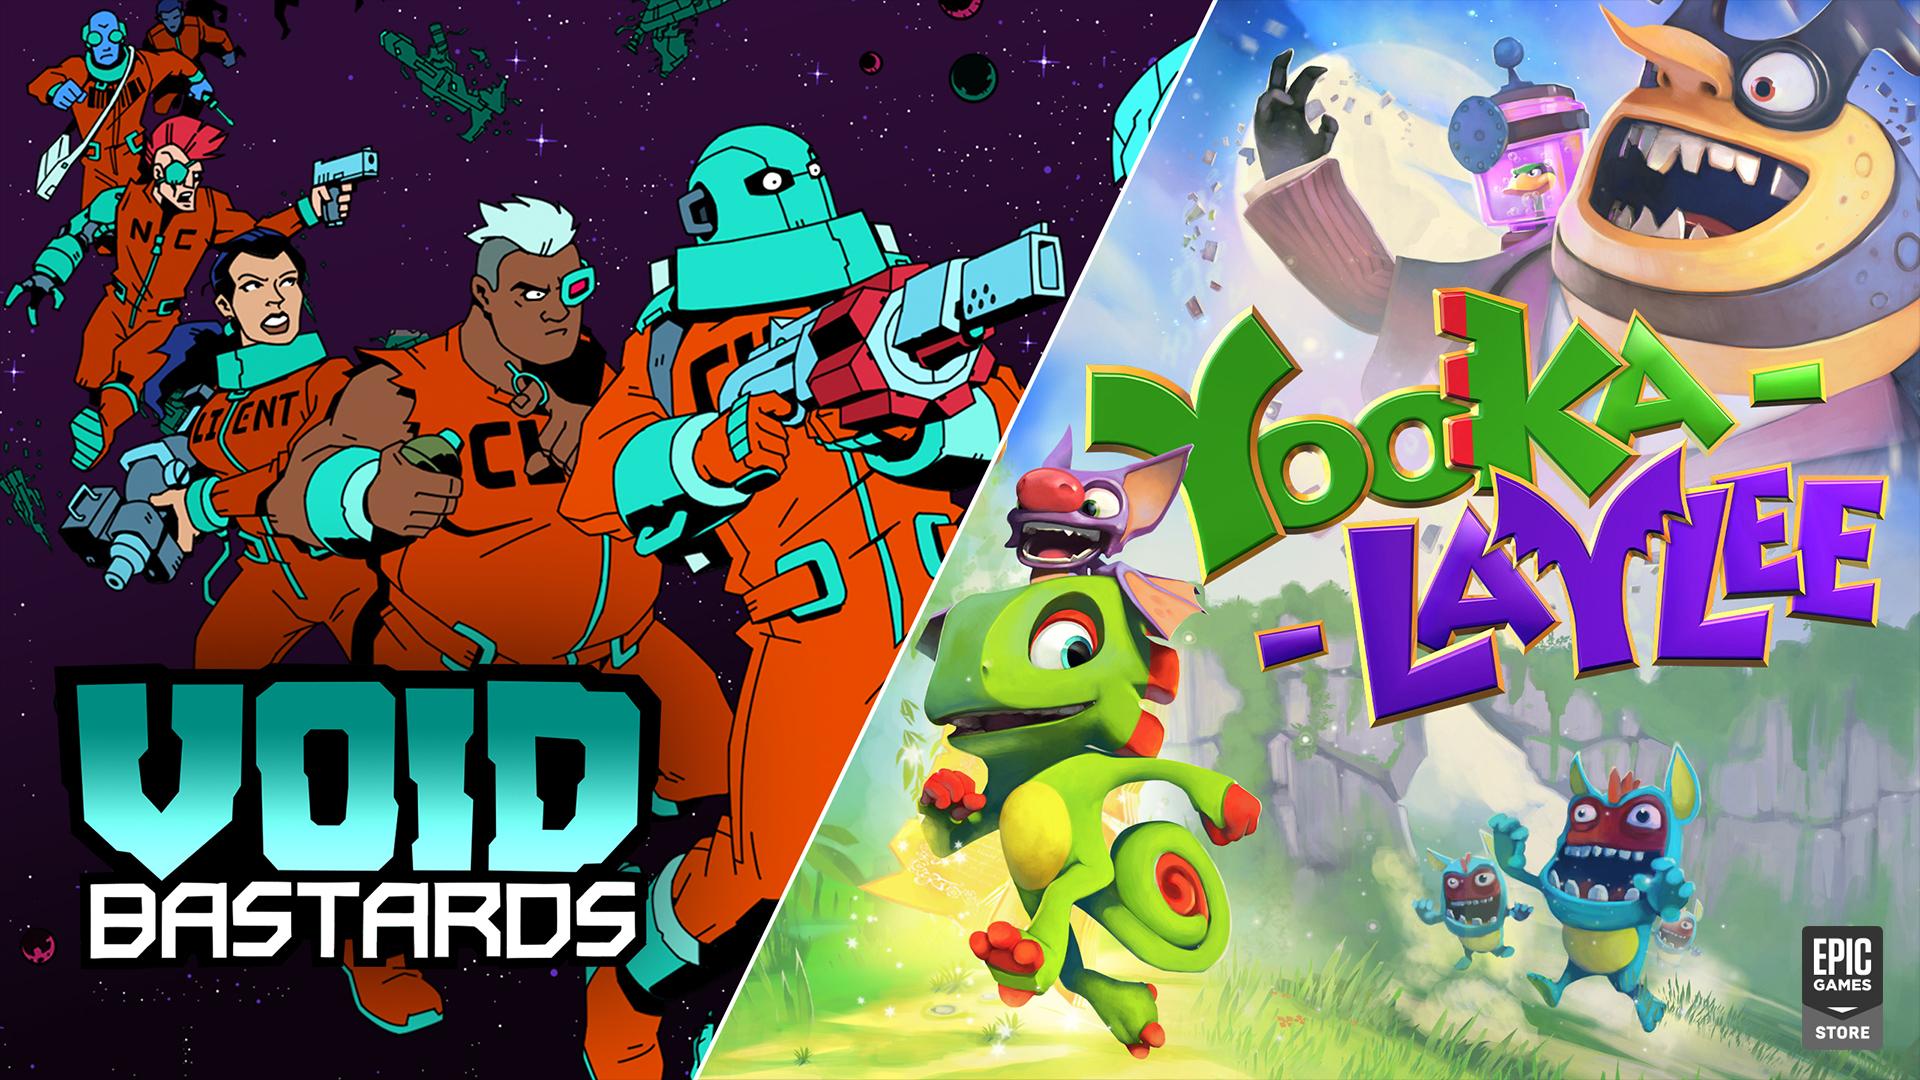 Yooka-Laylee y Void Bastards, juegos gratis de Epic Games Store hasta el 26 de agosto